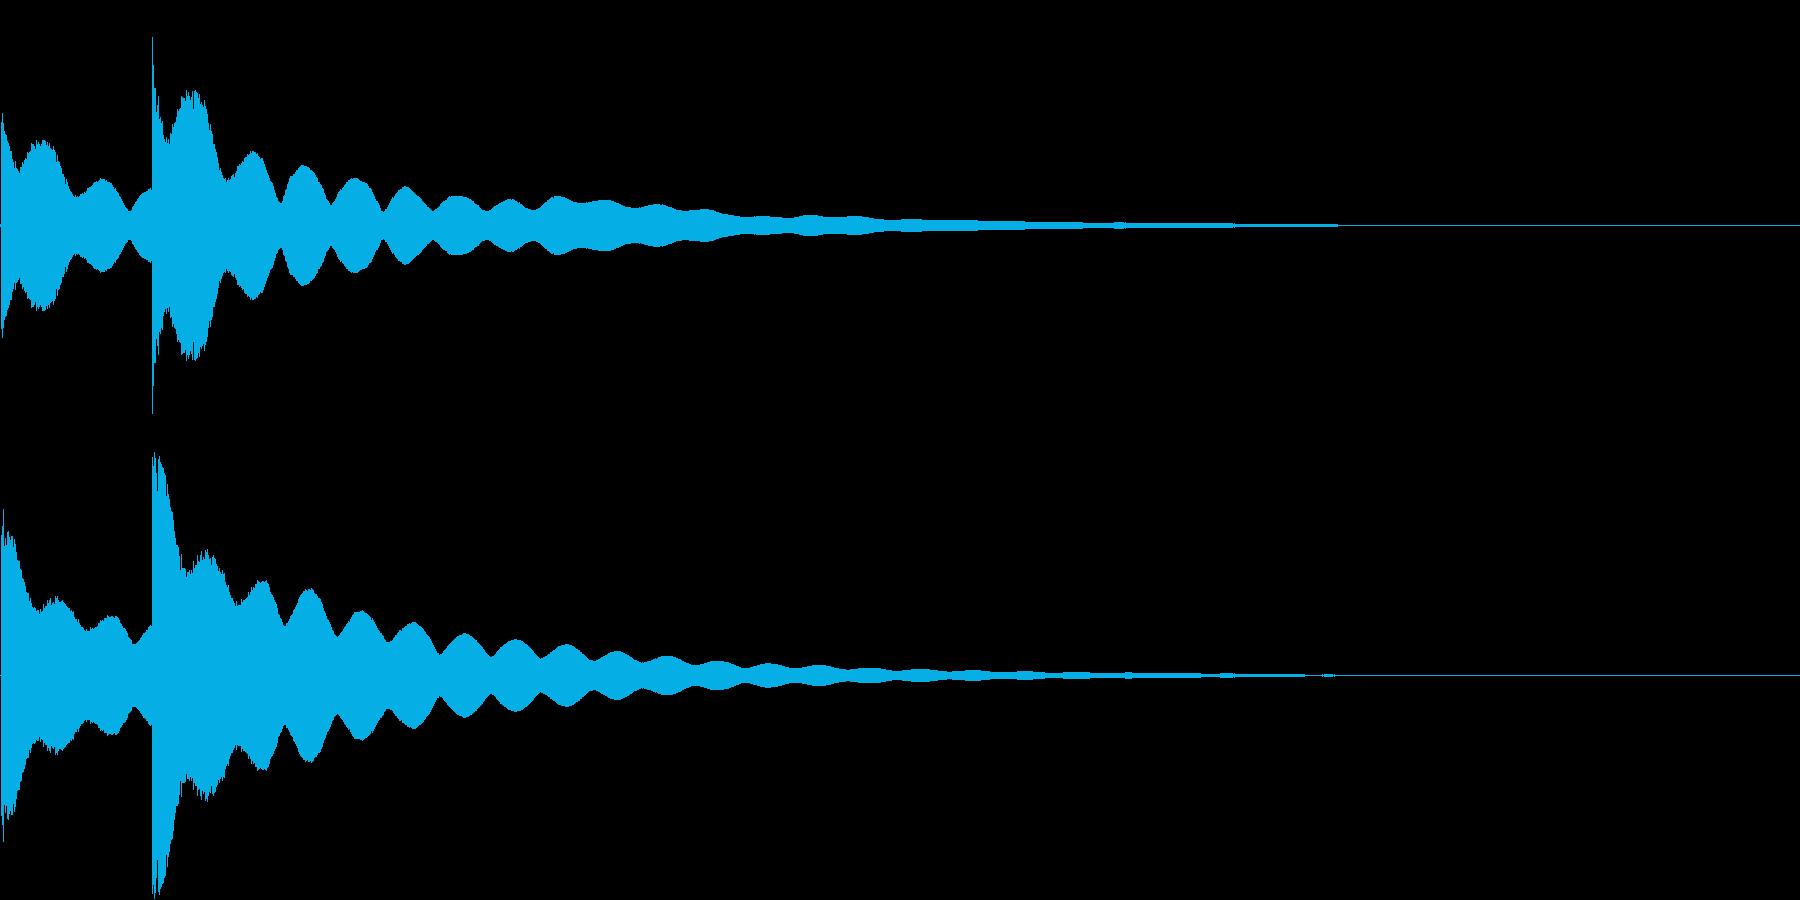 チーンチーン 仏壇の鐘の音5の再生済みの波形